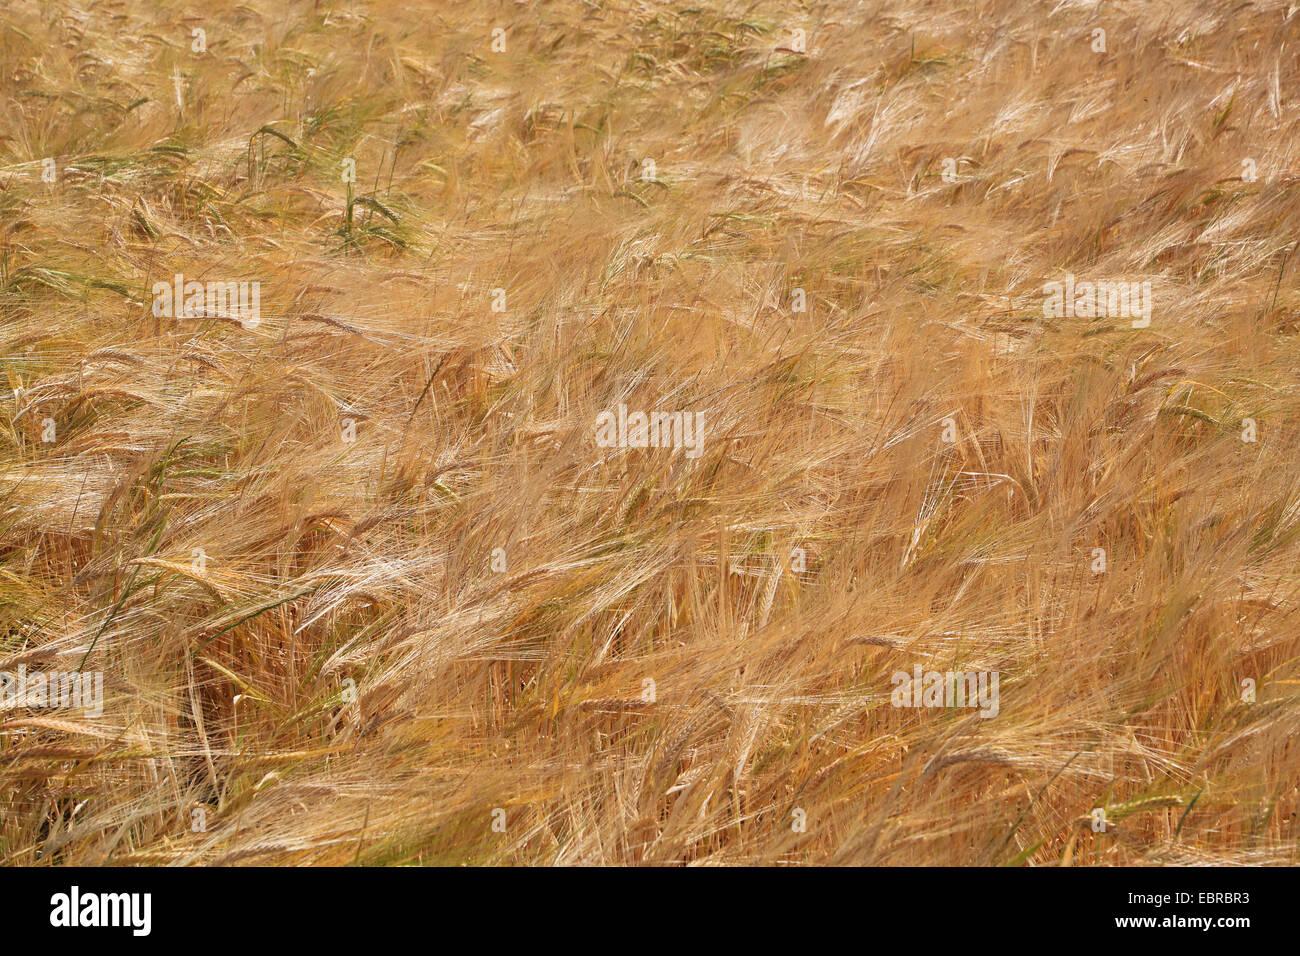 Cebada (Hordeum vulgare), campo de cebada madura, Alemania Imagen De Stock